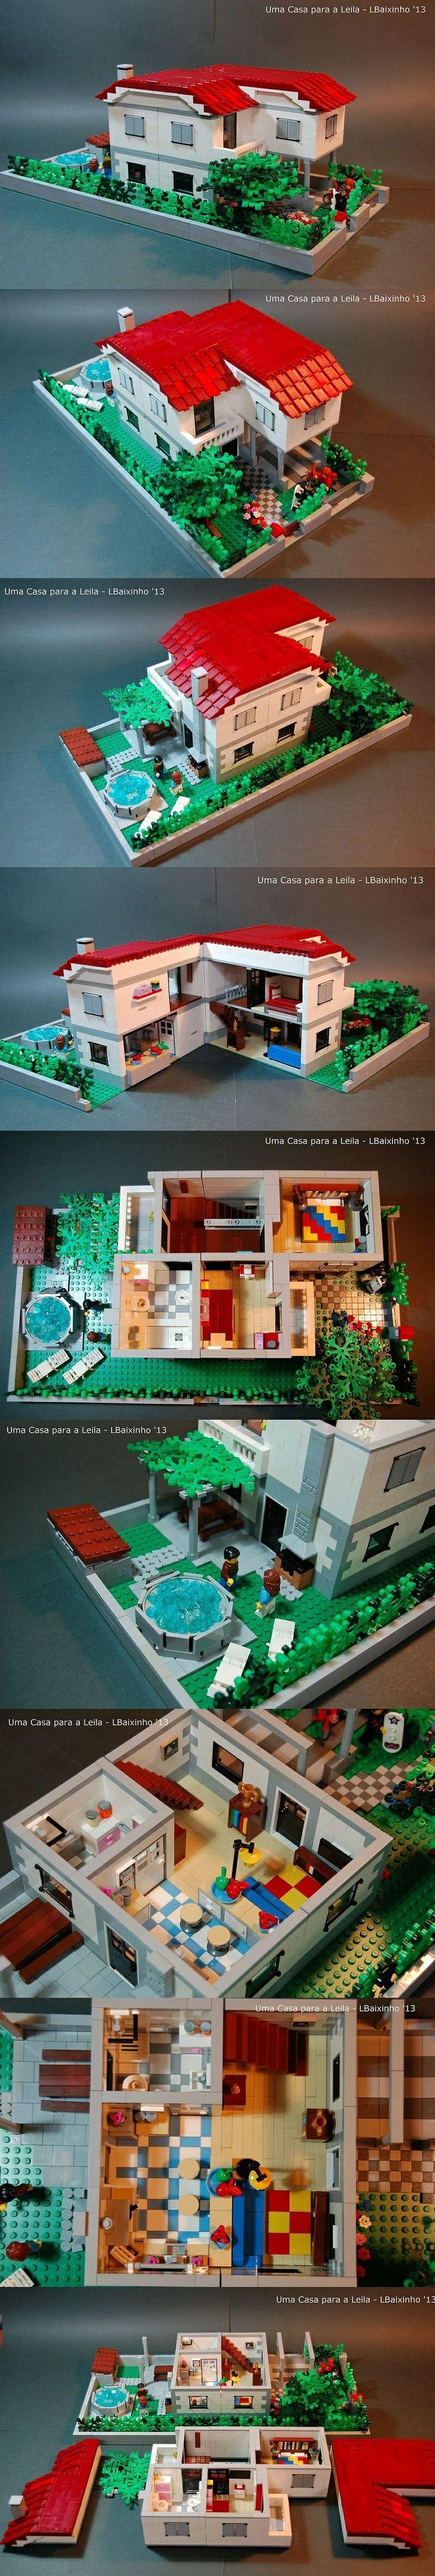 30 best LEGO bus, coach images on Pinterest | Lego bus, Lego ...